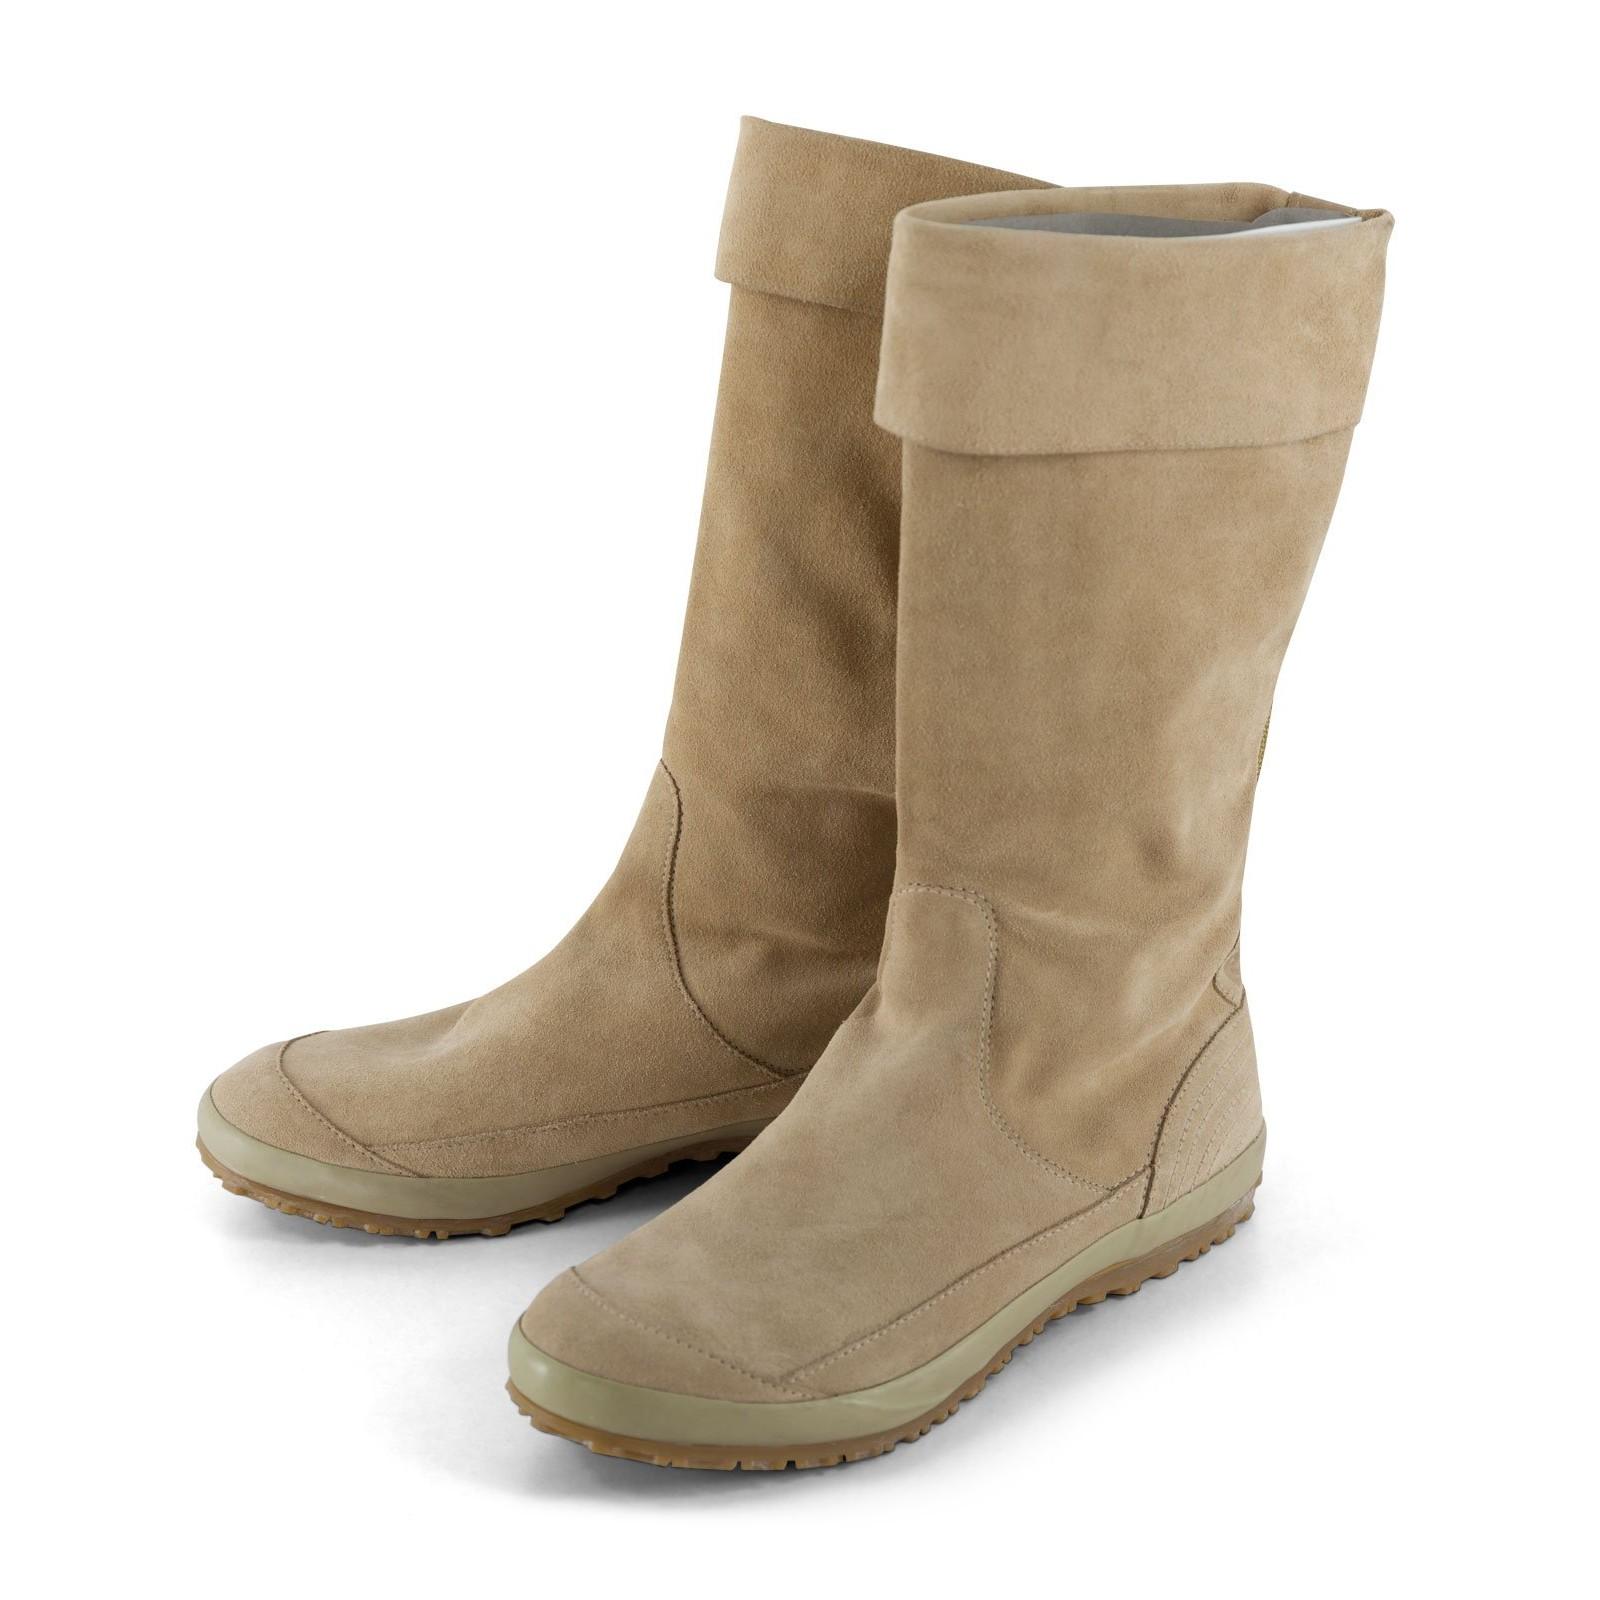 d685b9c2fea0 FORNARINA Damen Stiefel Boots in Hellbraun und Pink mit flexiblen Schaft Leder  Wildleder